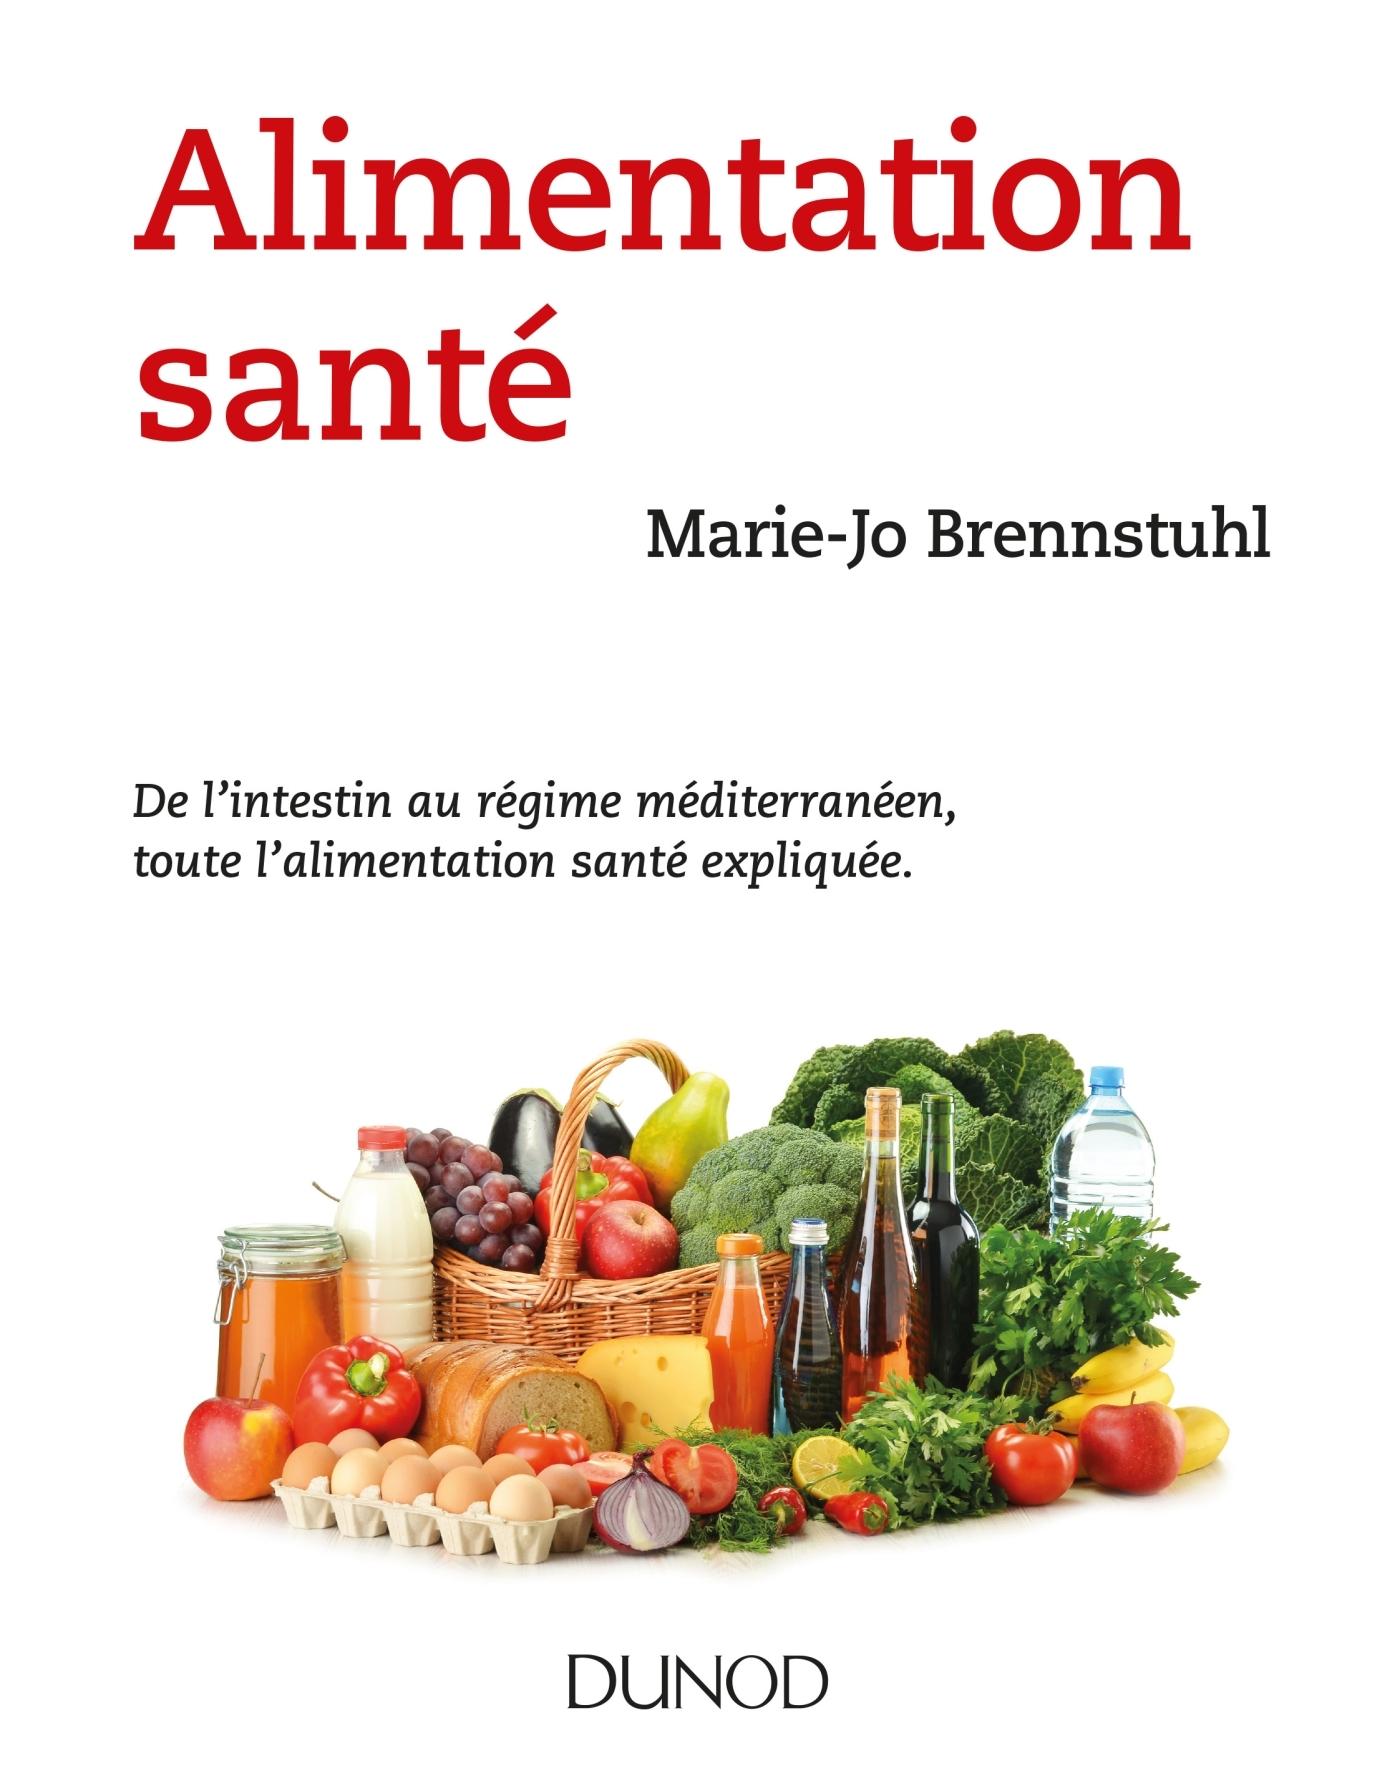 ALIMENTATION SANTE - DE L'INTESTIN AU REGIME MEDITERRANEEN, TOUTE L'ALIMENTATION SANTE EXPLIQUEE.